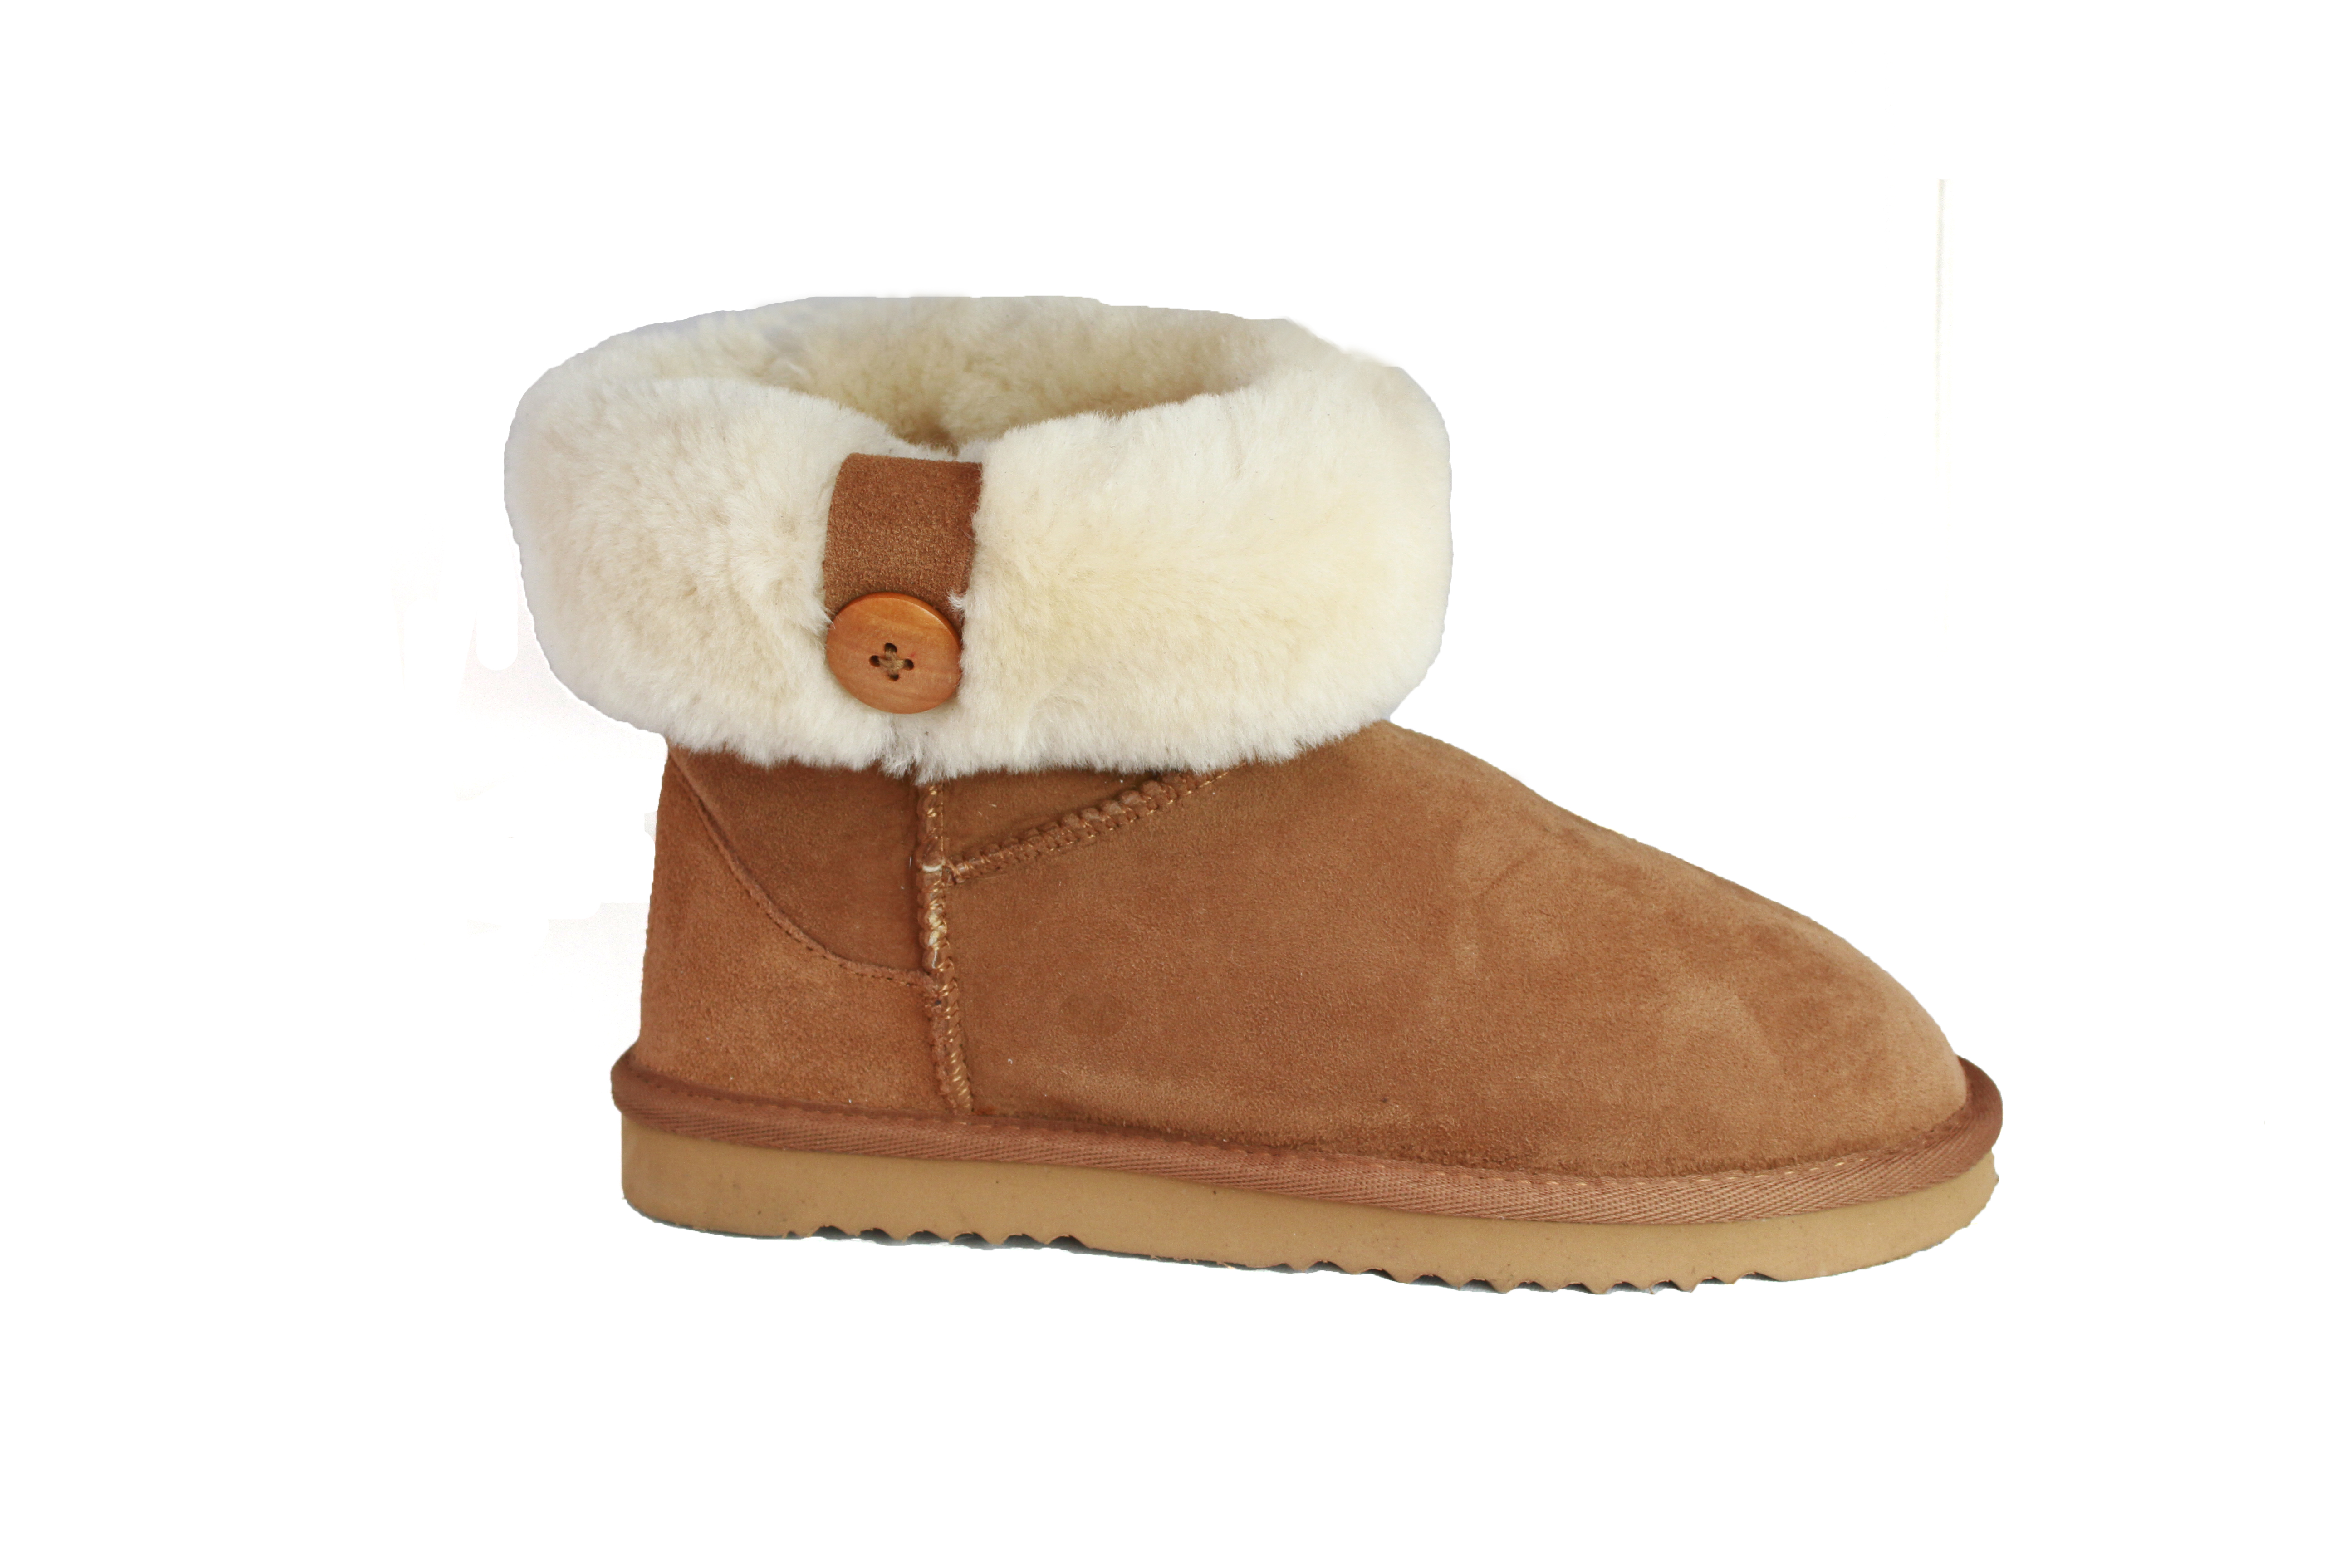 Freya Sheepskin Boots